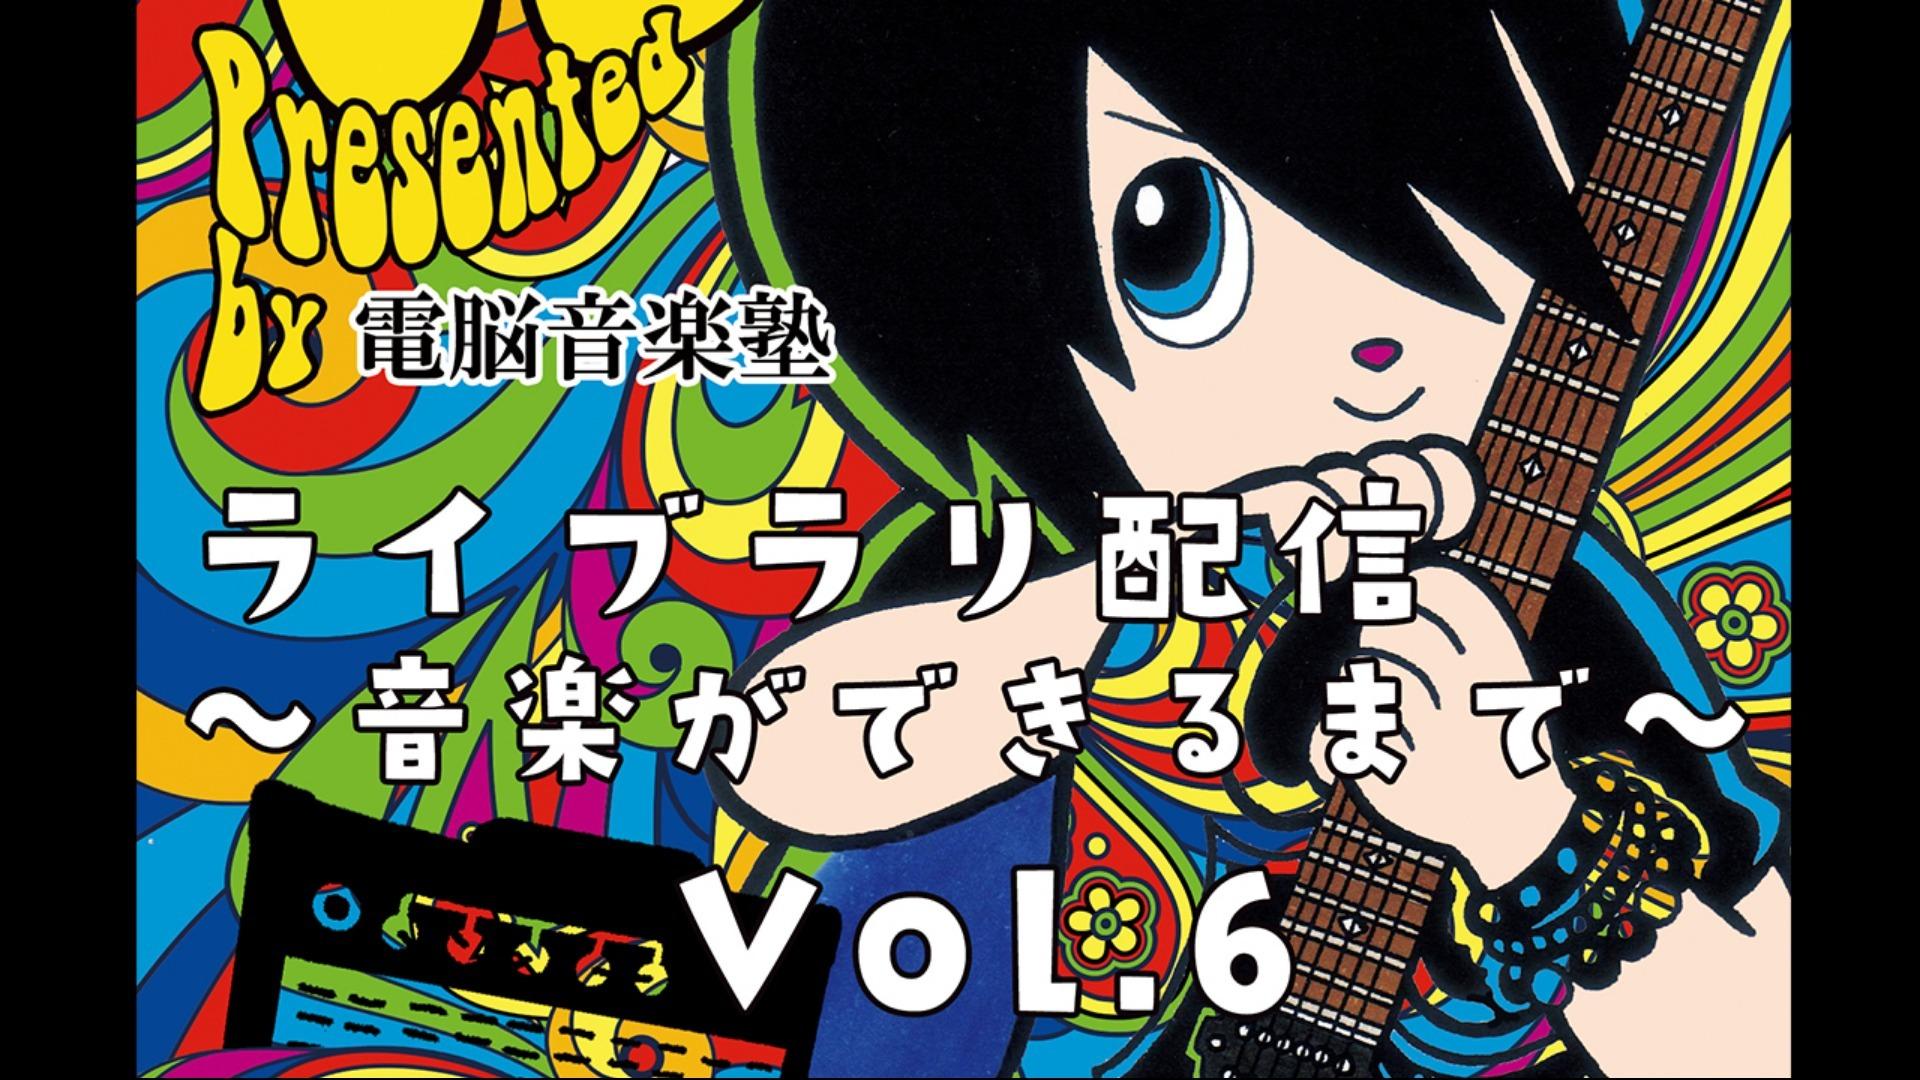 〜音楽ができるまで〜vol.6